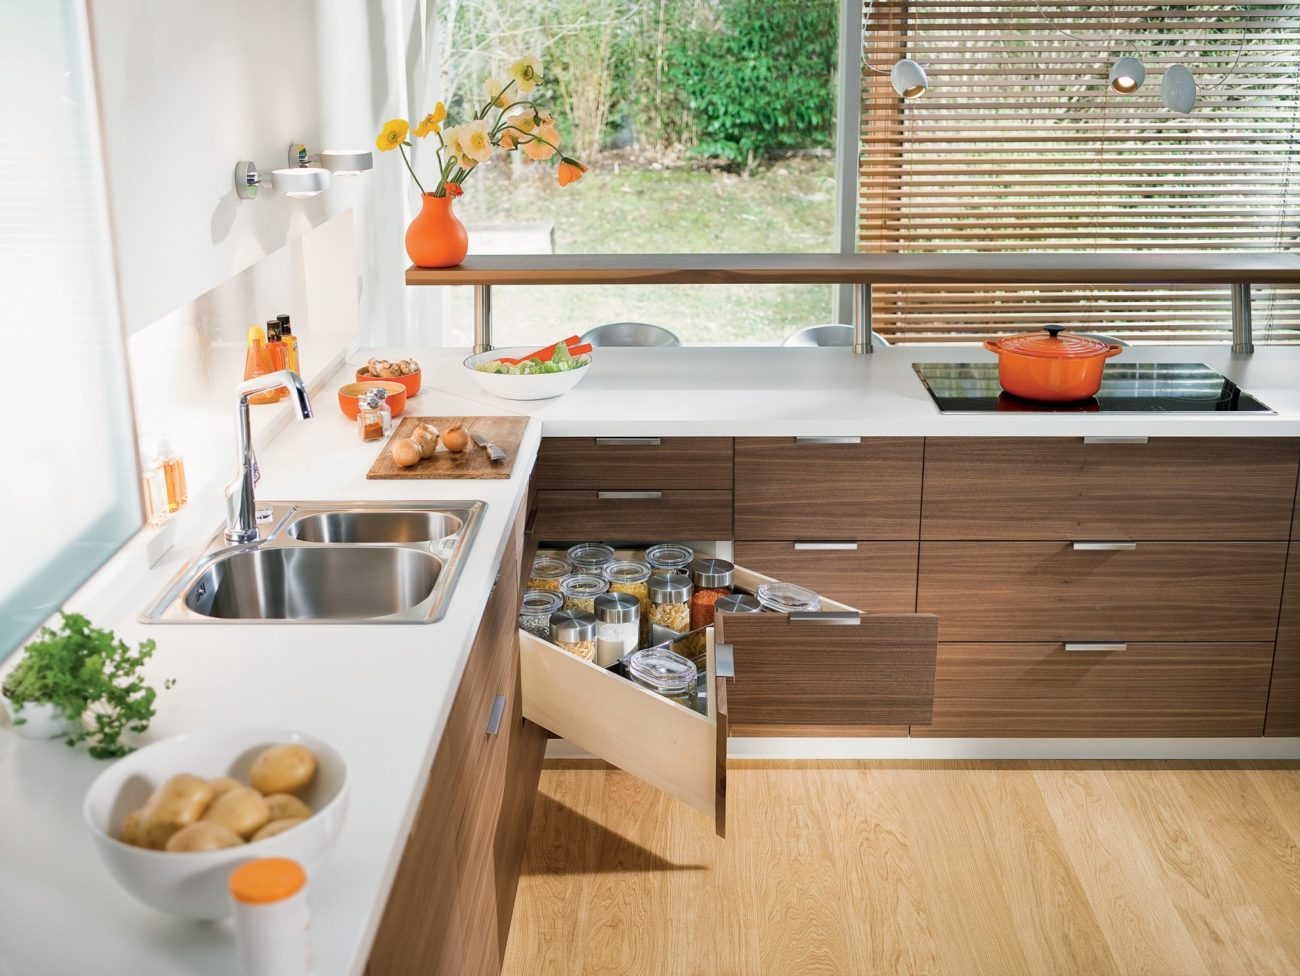 Full Size of Alternative Küchen Eckschrank In Der Kche Lsungen Halbschrank Regal Sofa Alternatives Wohnzimmer Alternative Küchen